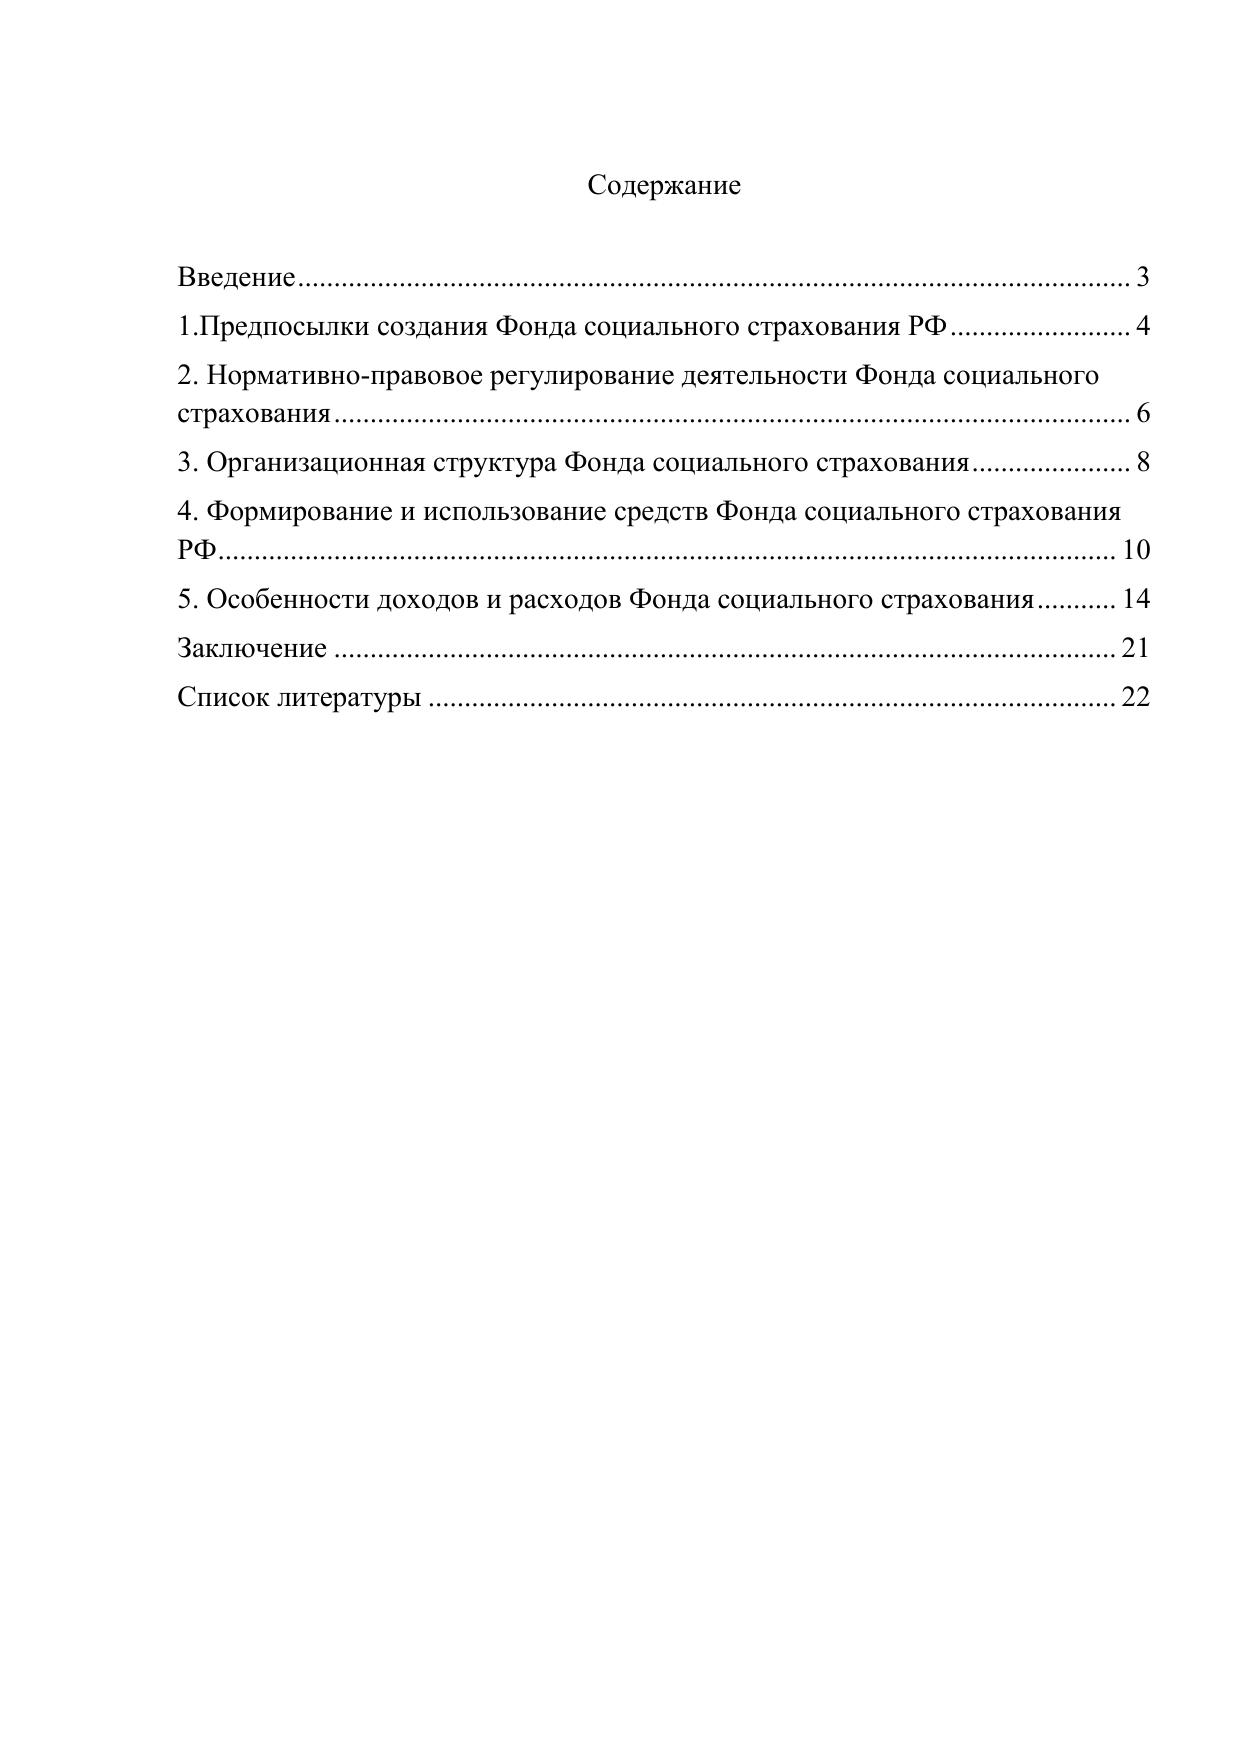 Реферат фонд социального страхования российской федерации 8703